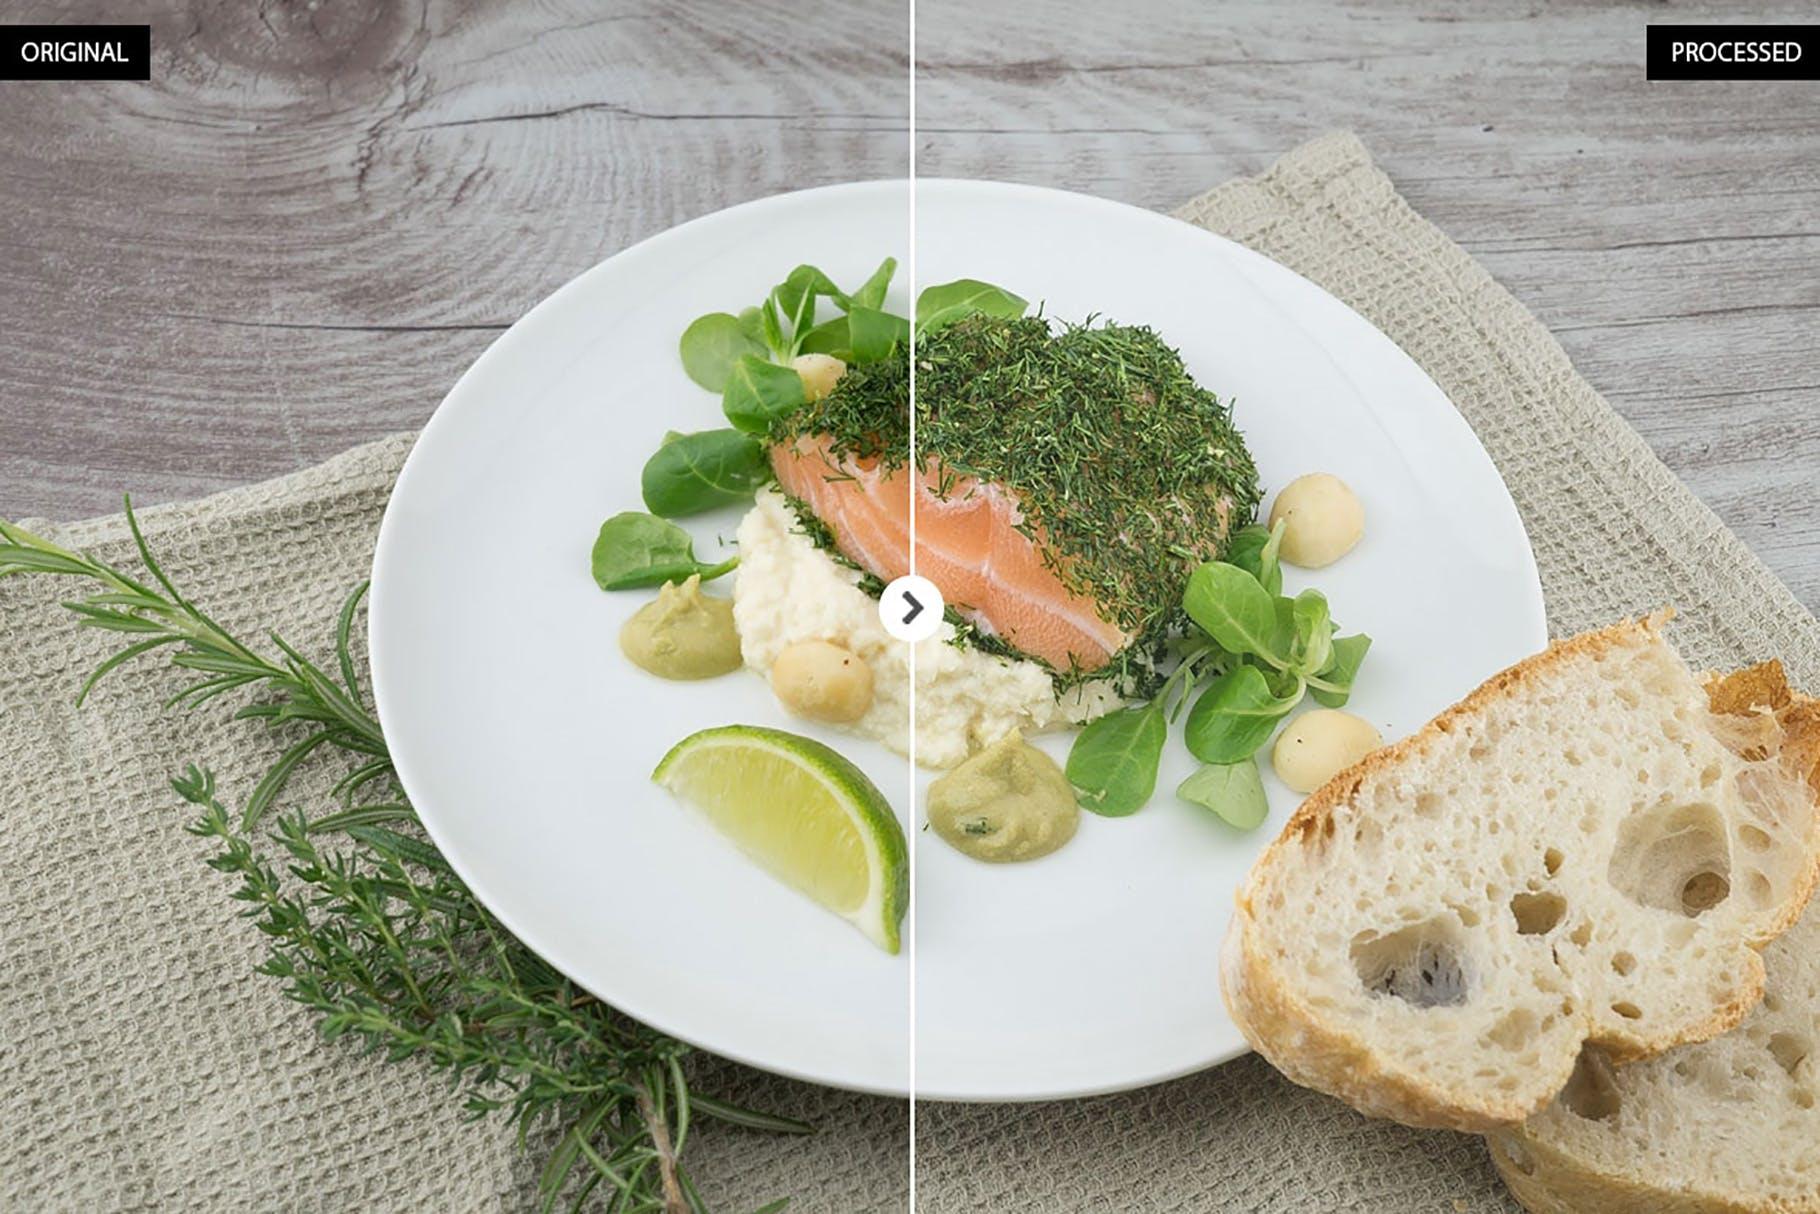 暖调美食景物照片lightroom预设lightroom预设下载设计素材模板